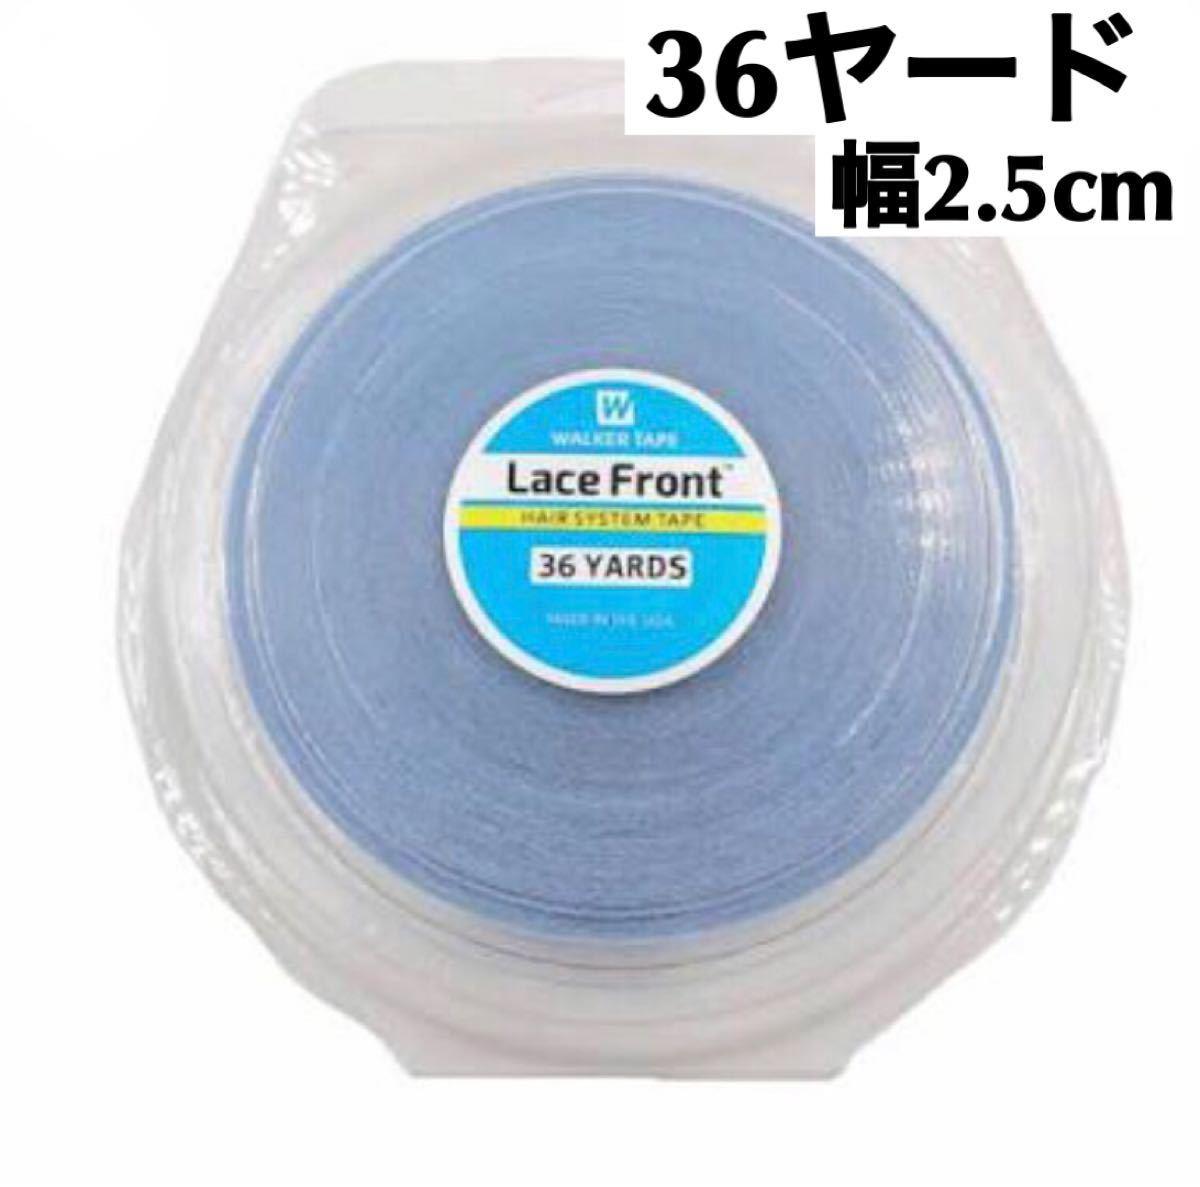 大容量!36ヤード×幅約2.5cm レース用超強力両面テープ ウィッグ エクステ かつら用 ブルーテープ